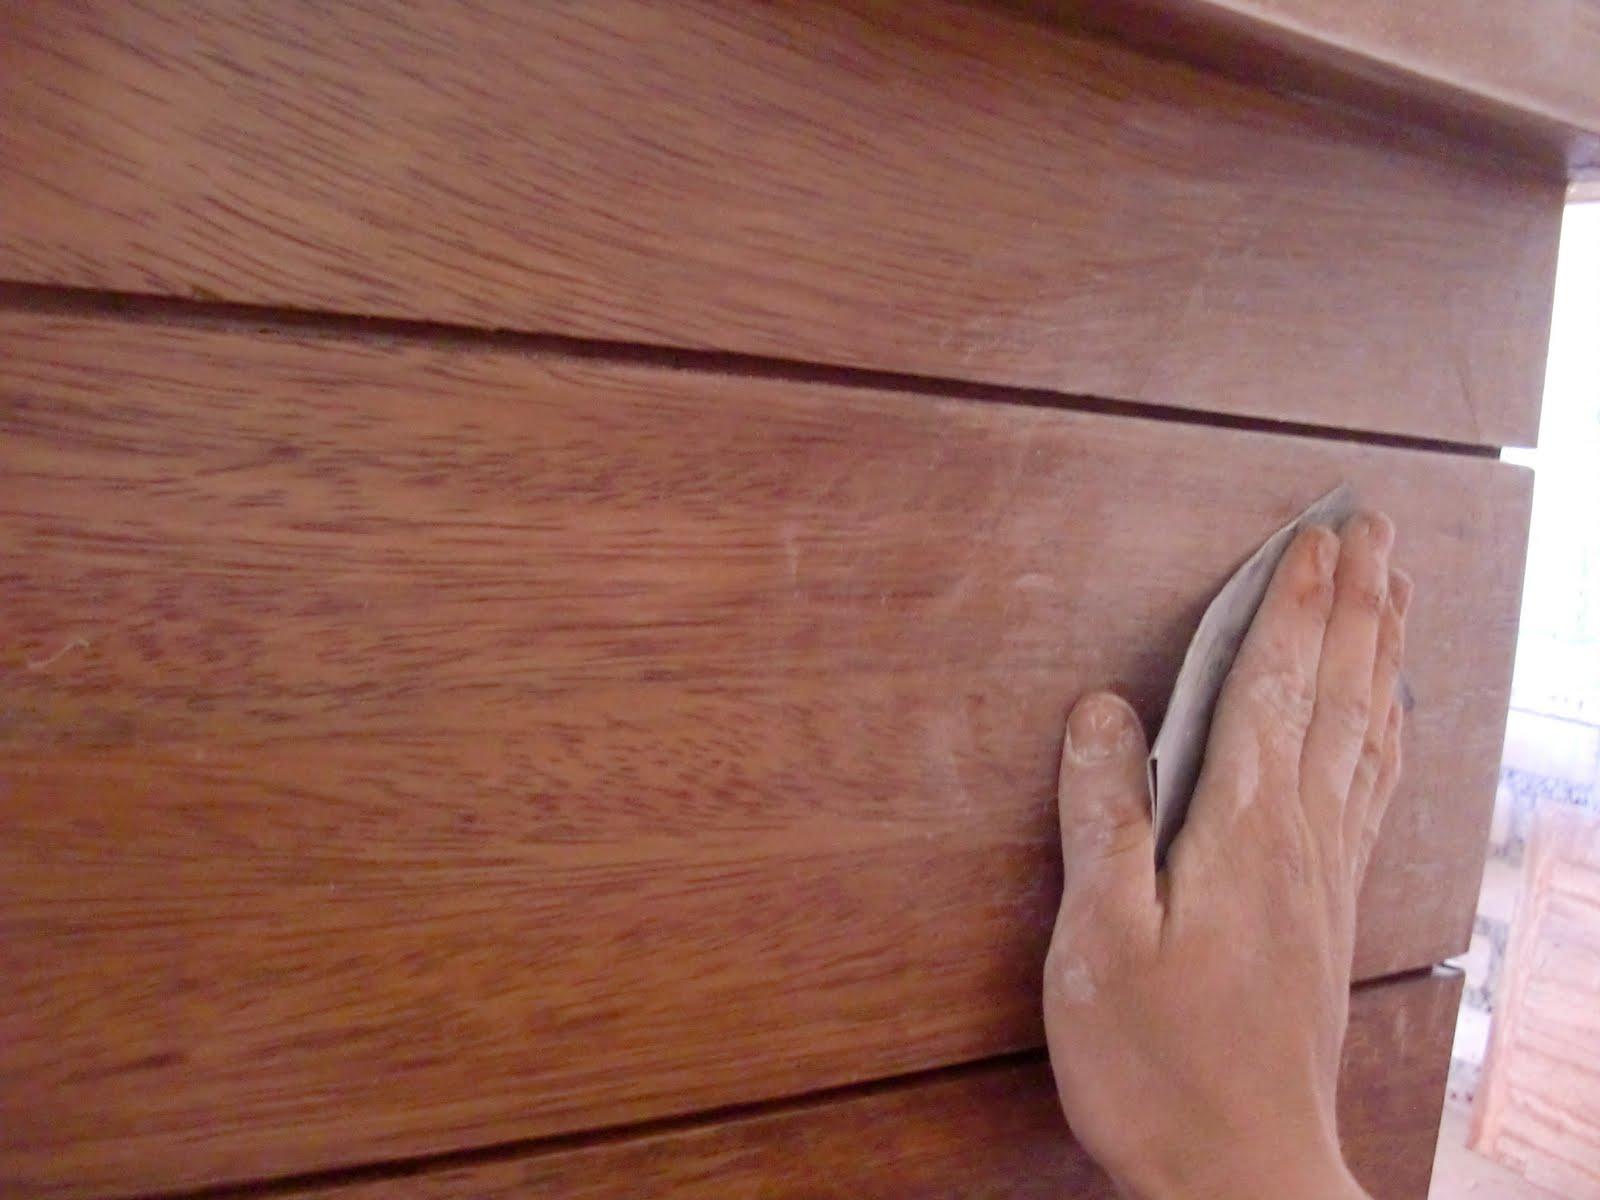 Decoraciones manualidades en madera pintar mueble paso a paso - Laca blanca para madera ...